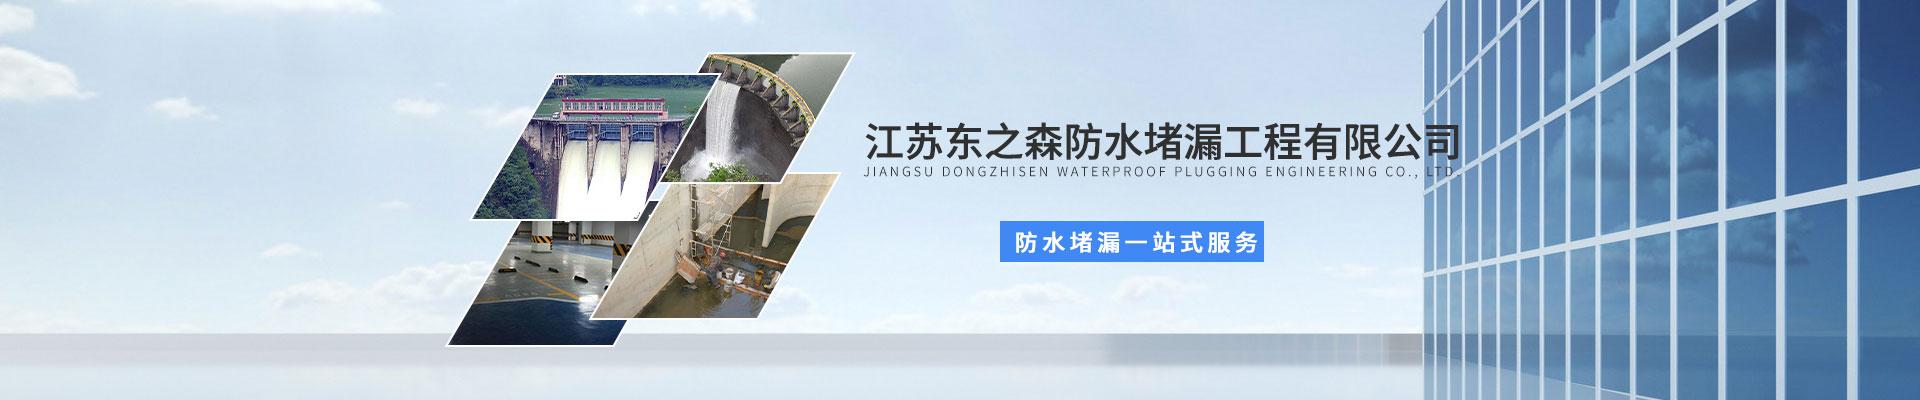 江苏东之森防水堵漏有限公司